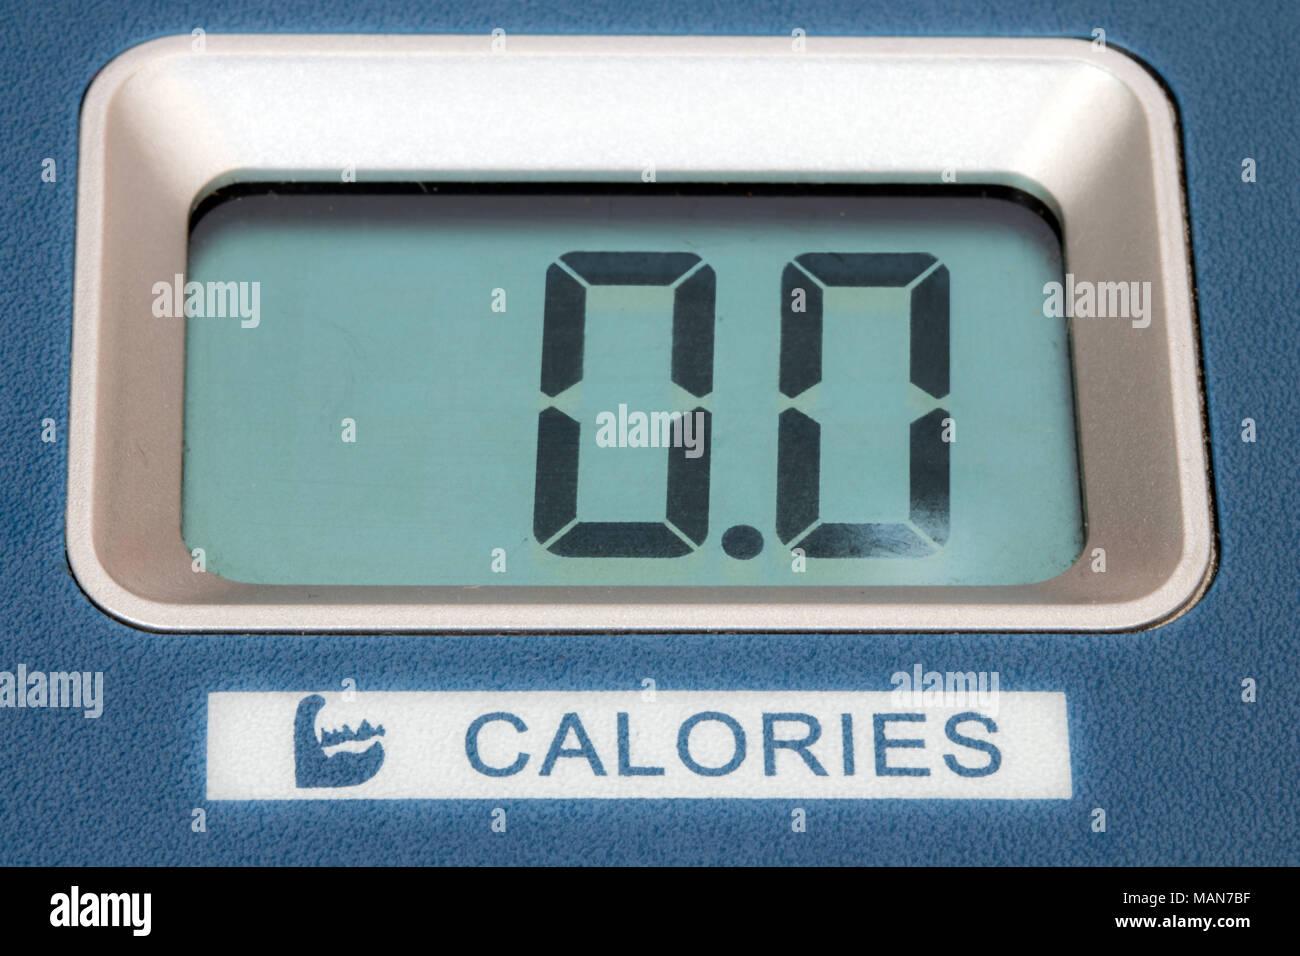 L'affichage indique les calories brûlées sur la machine de formation. Photo Stock